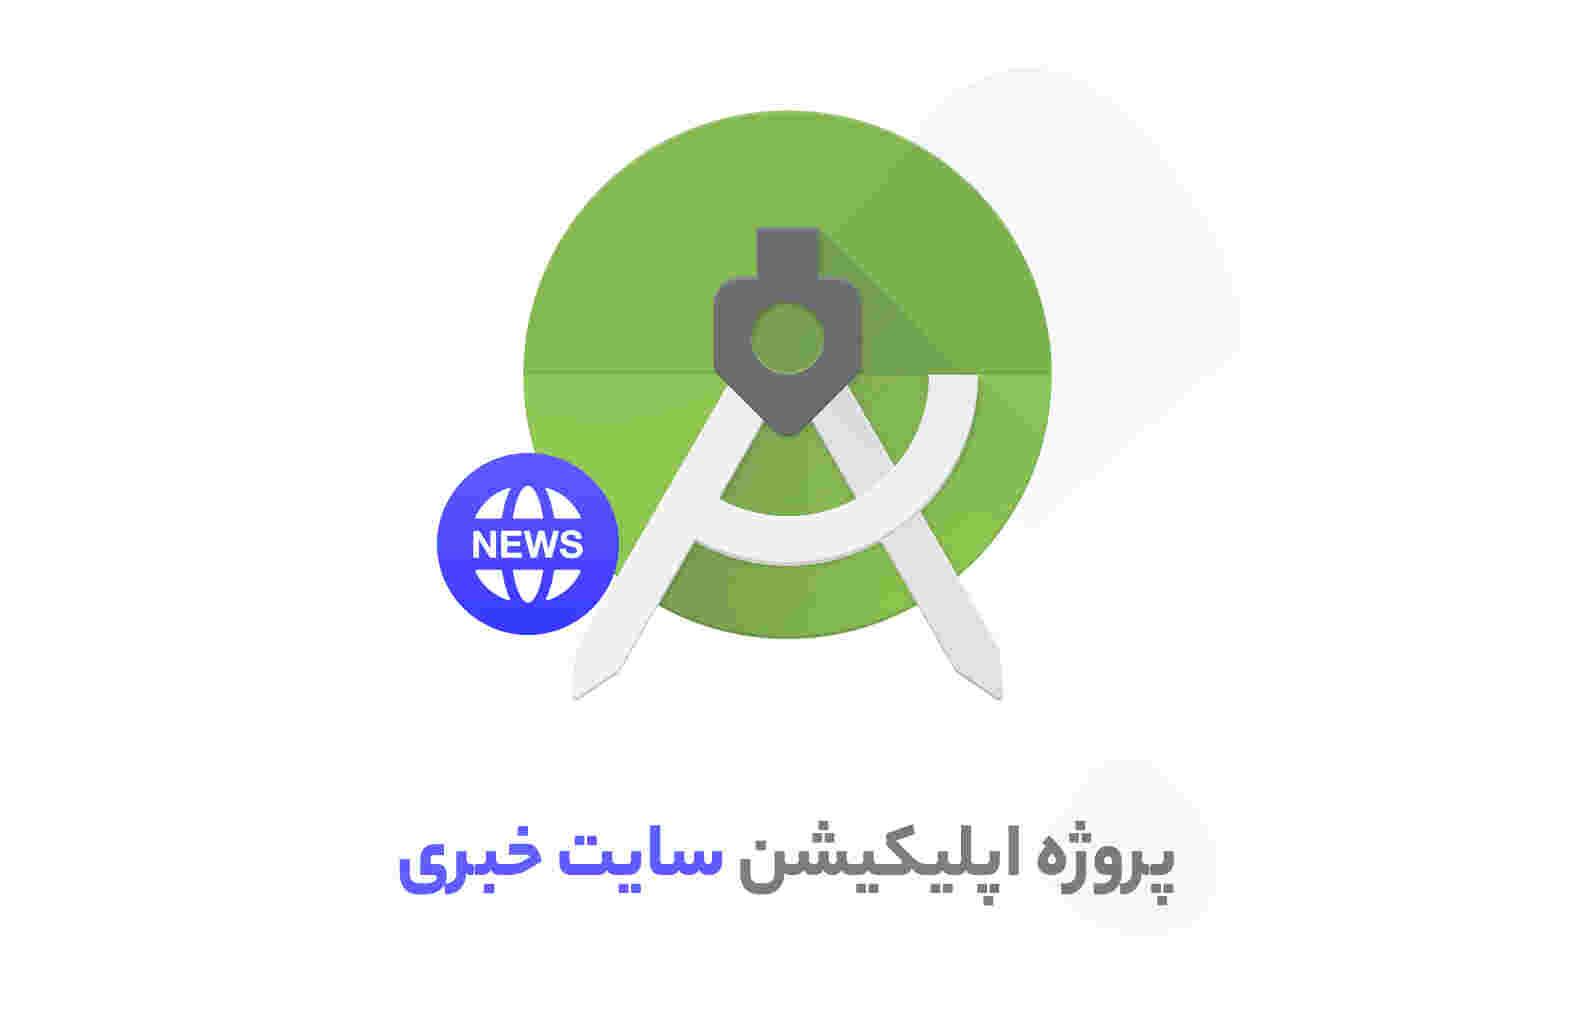 آموزش برنامه نویسی اندروید با جاوا – پروژه اپلیکیشن سایت خبری